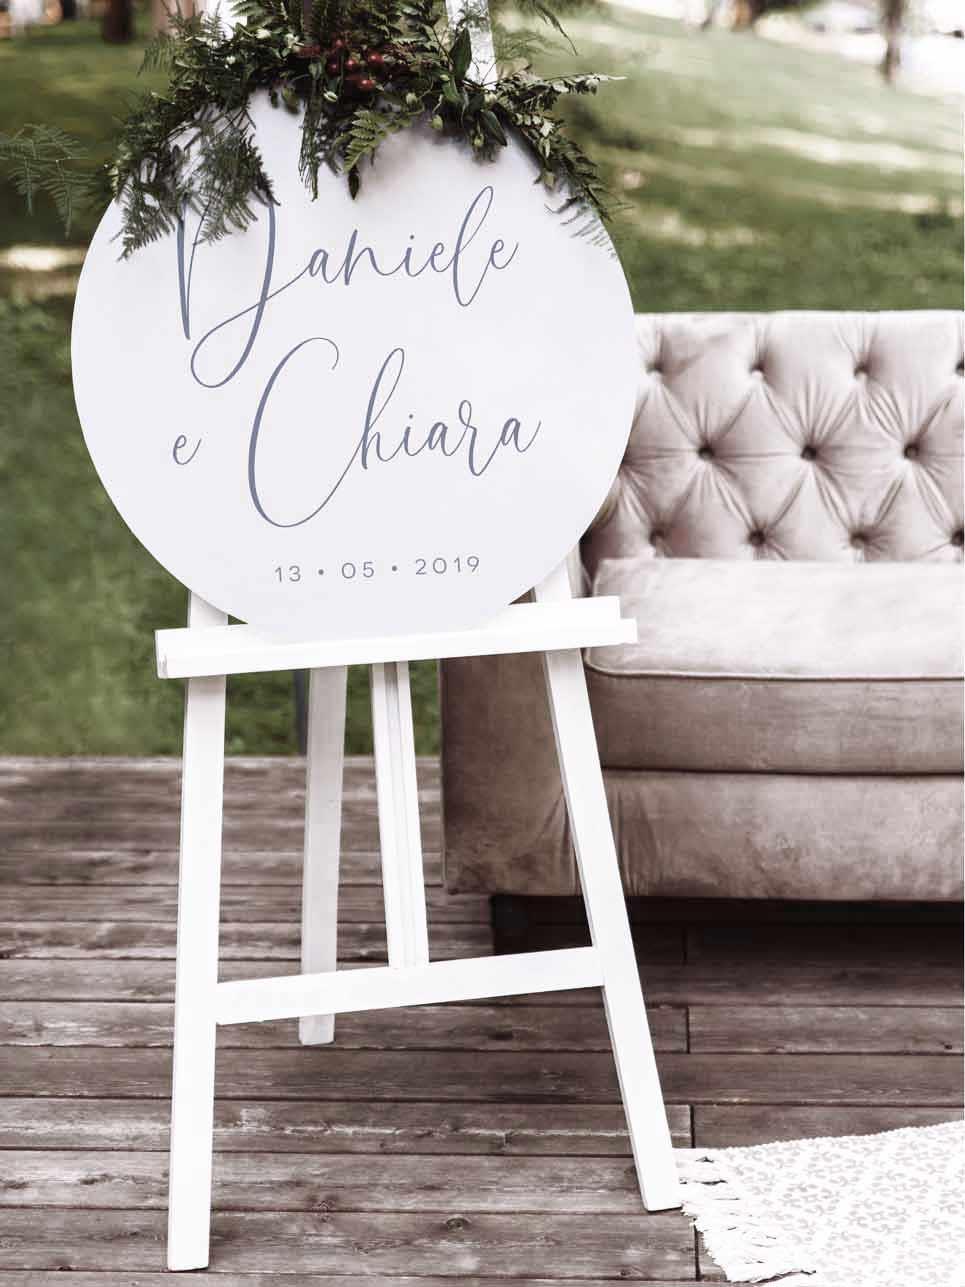 Welcome-Cartello-di-benvenuto-matrimonio-nozze-wedding